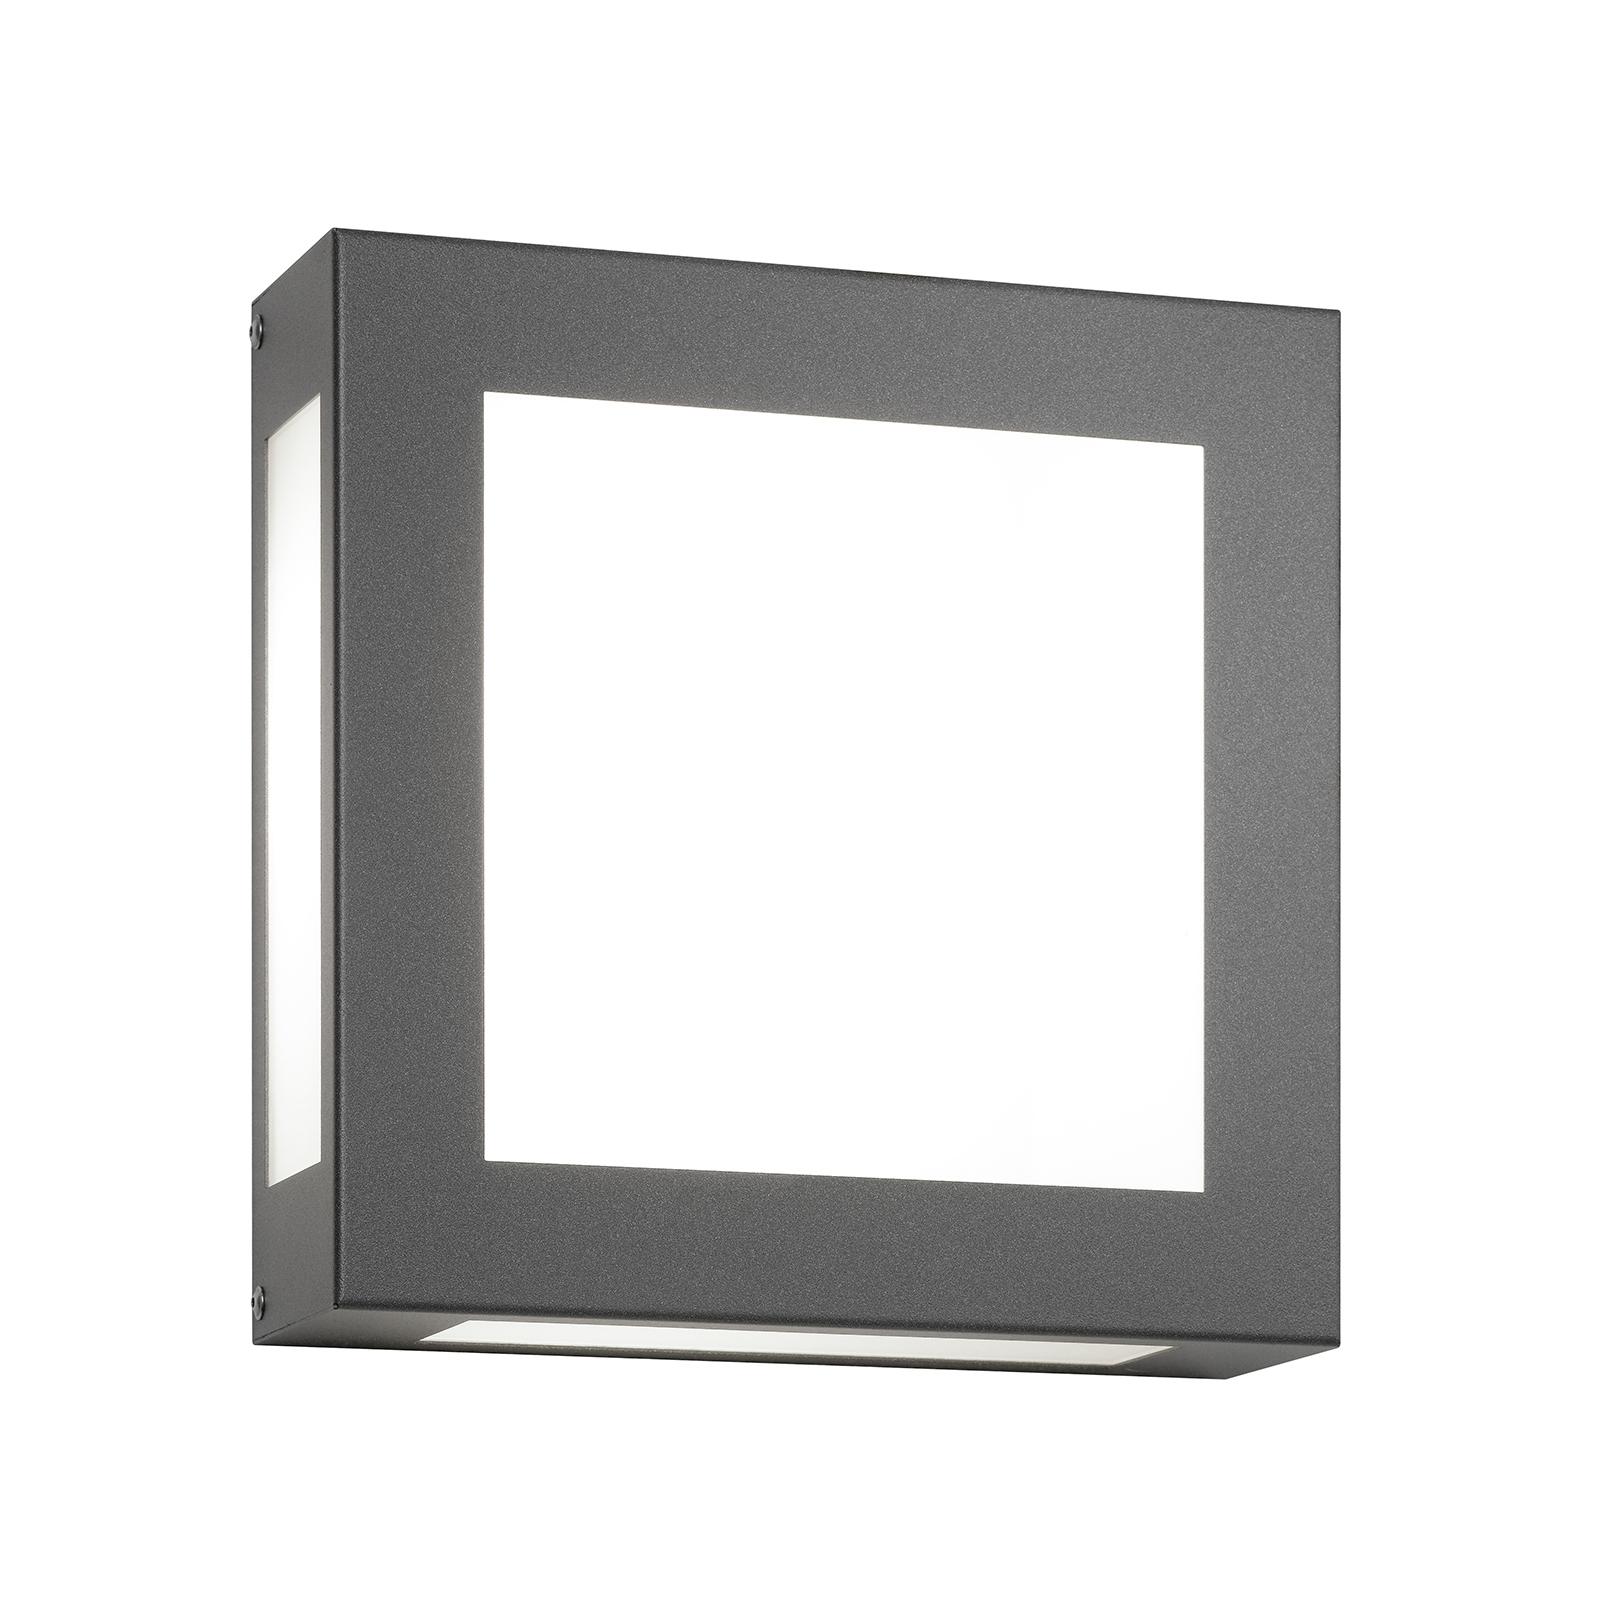 Applique d'extérieur LED Aqua Legendo, anthracite